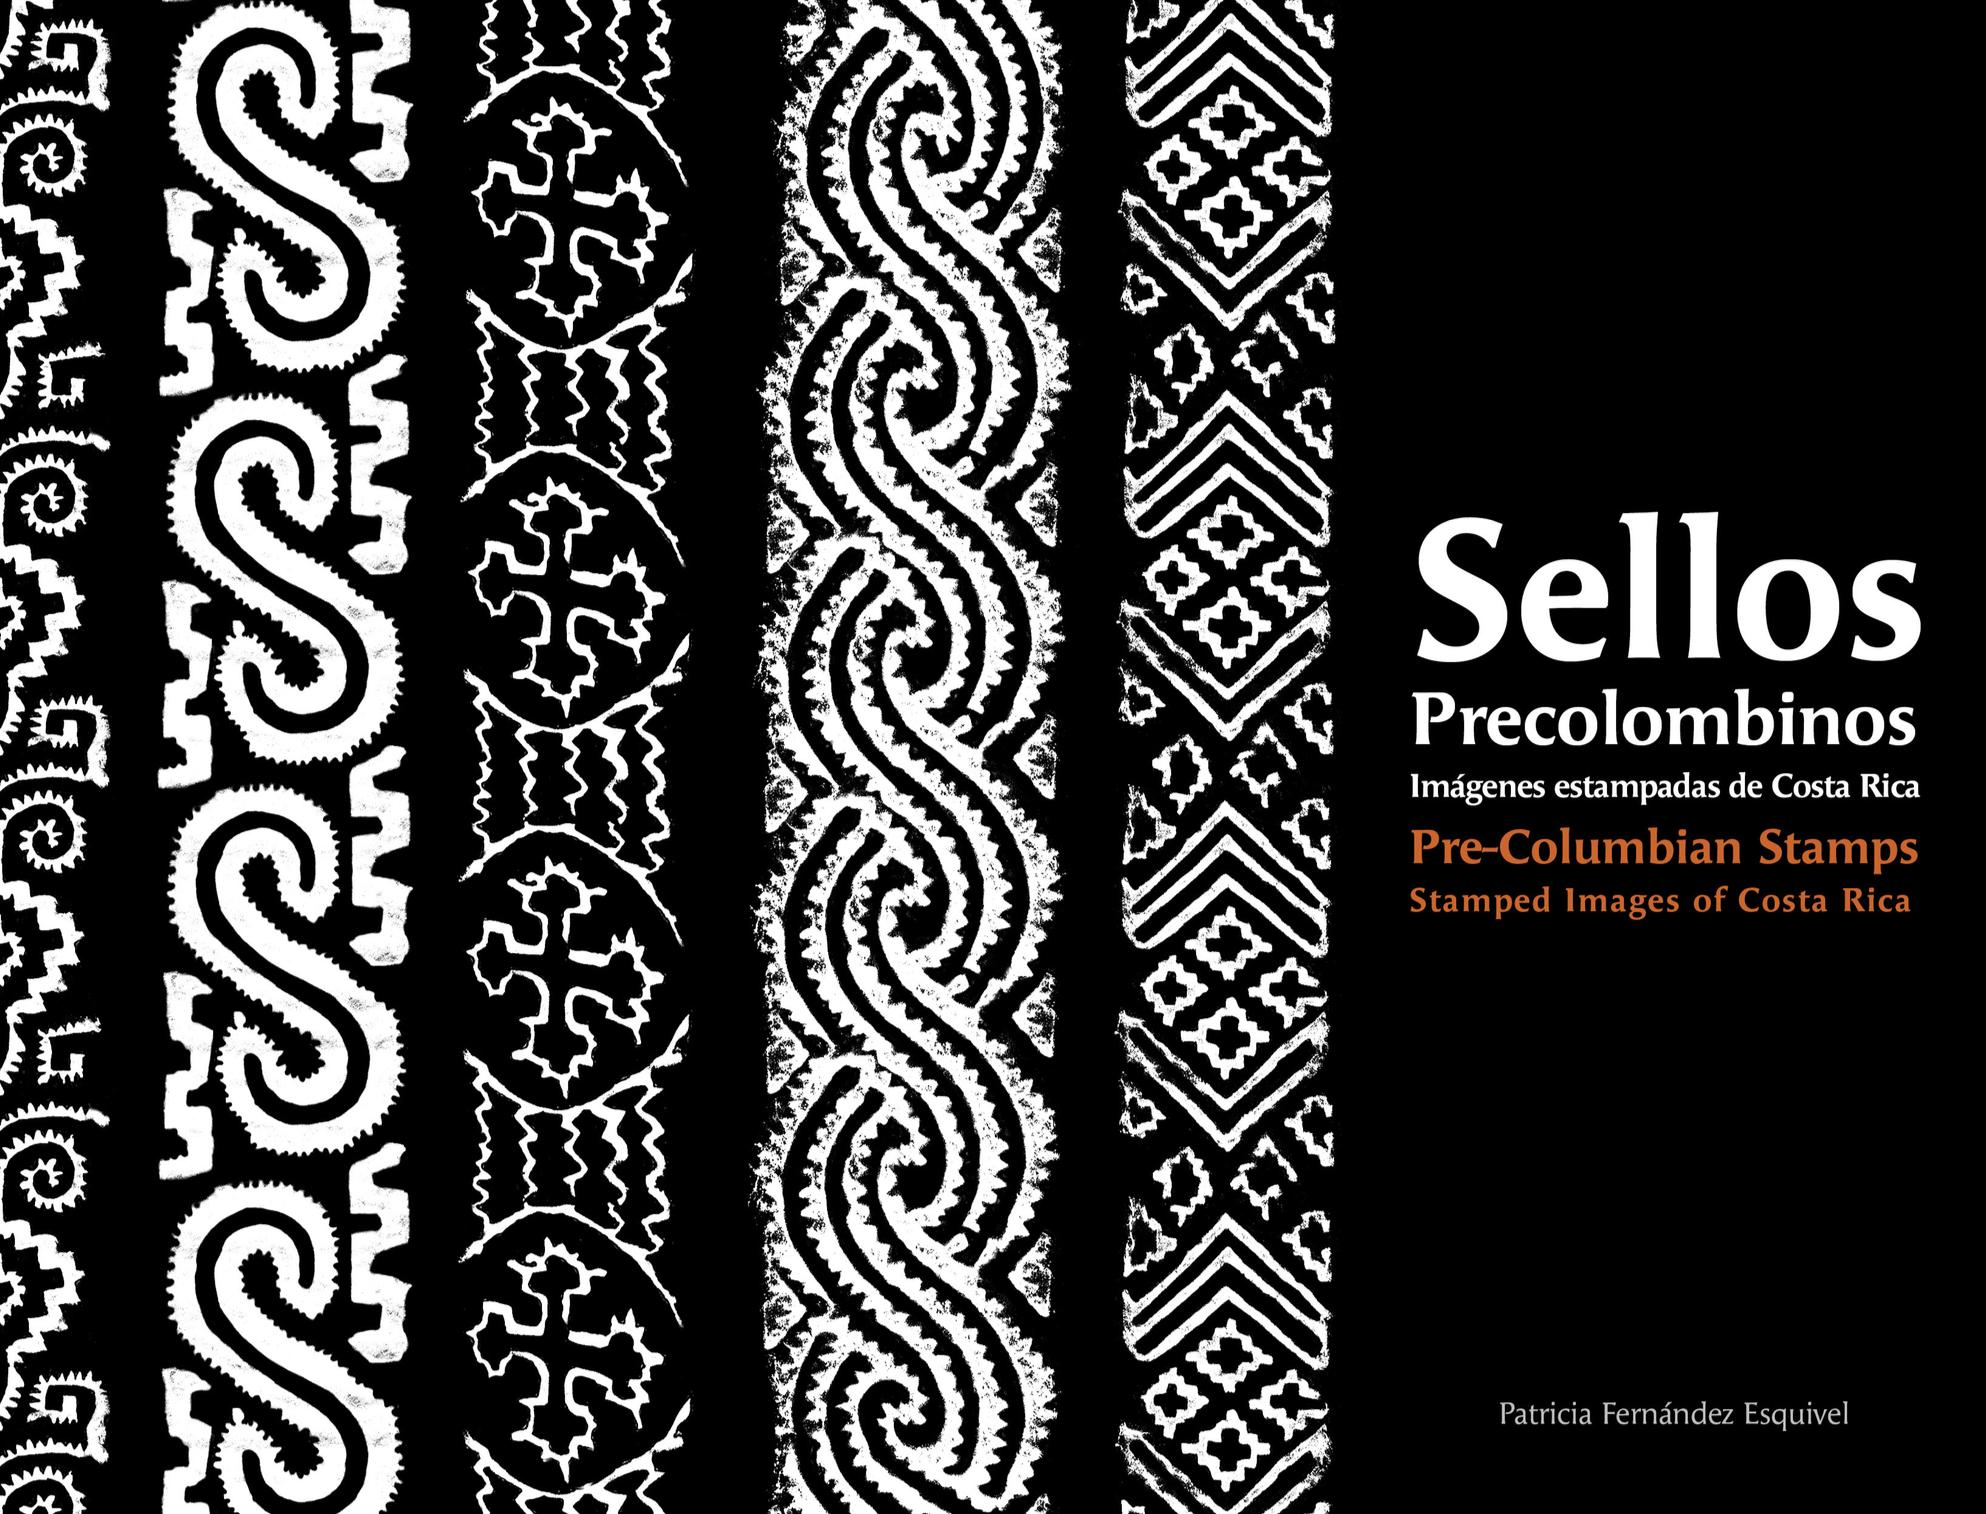 Sellos Precolombinos. Imagenes estampadas de CR